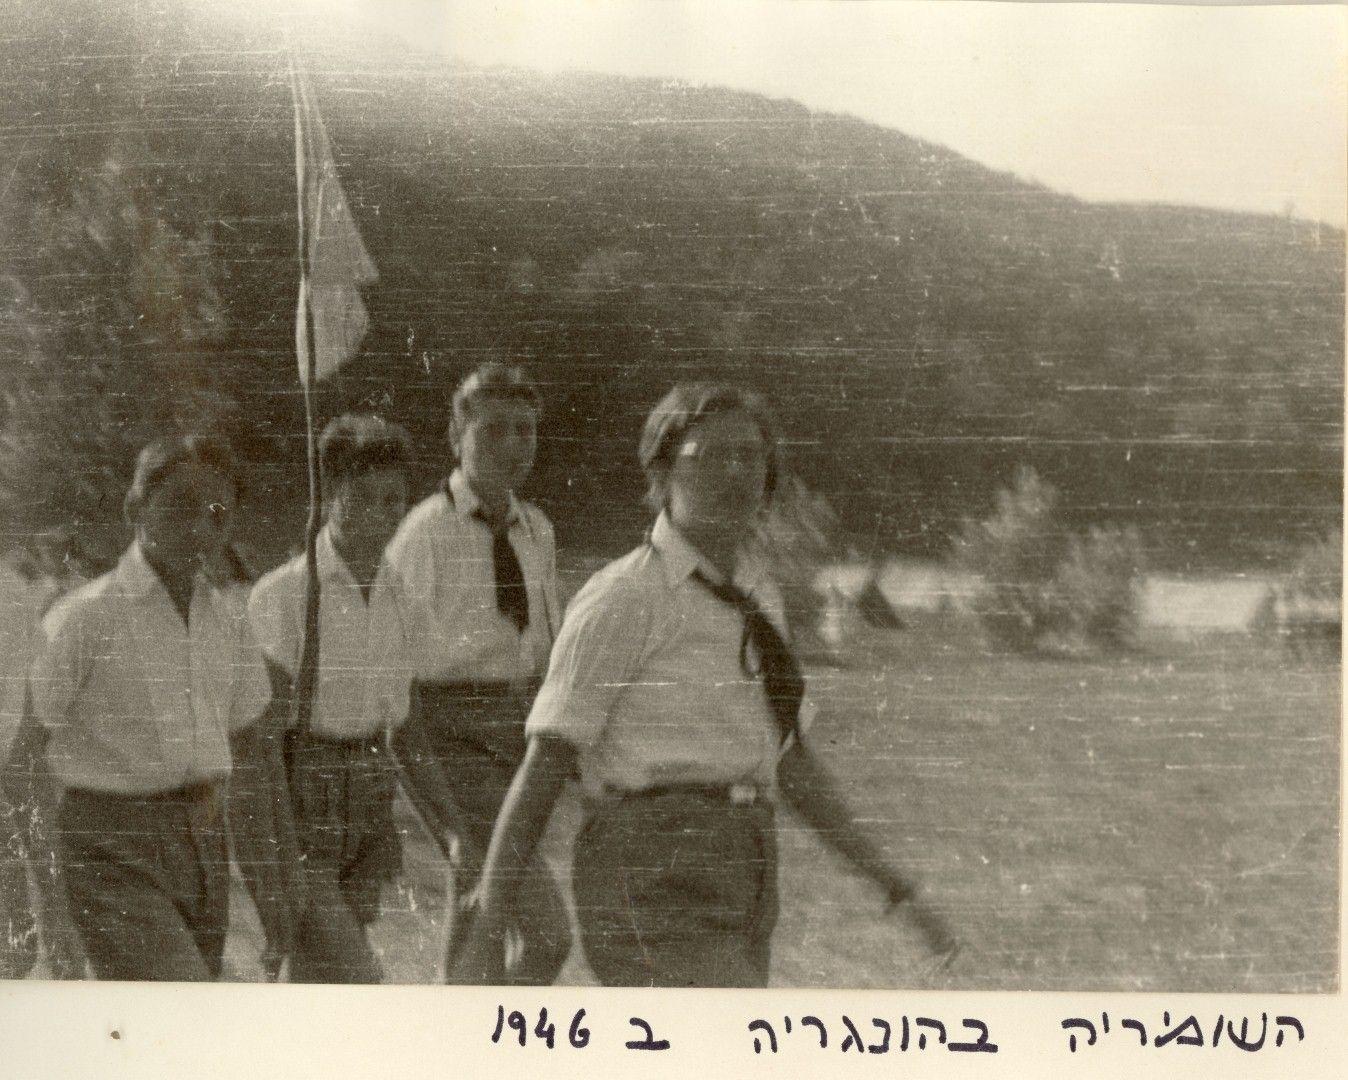 השומריה בהונגריה 1946